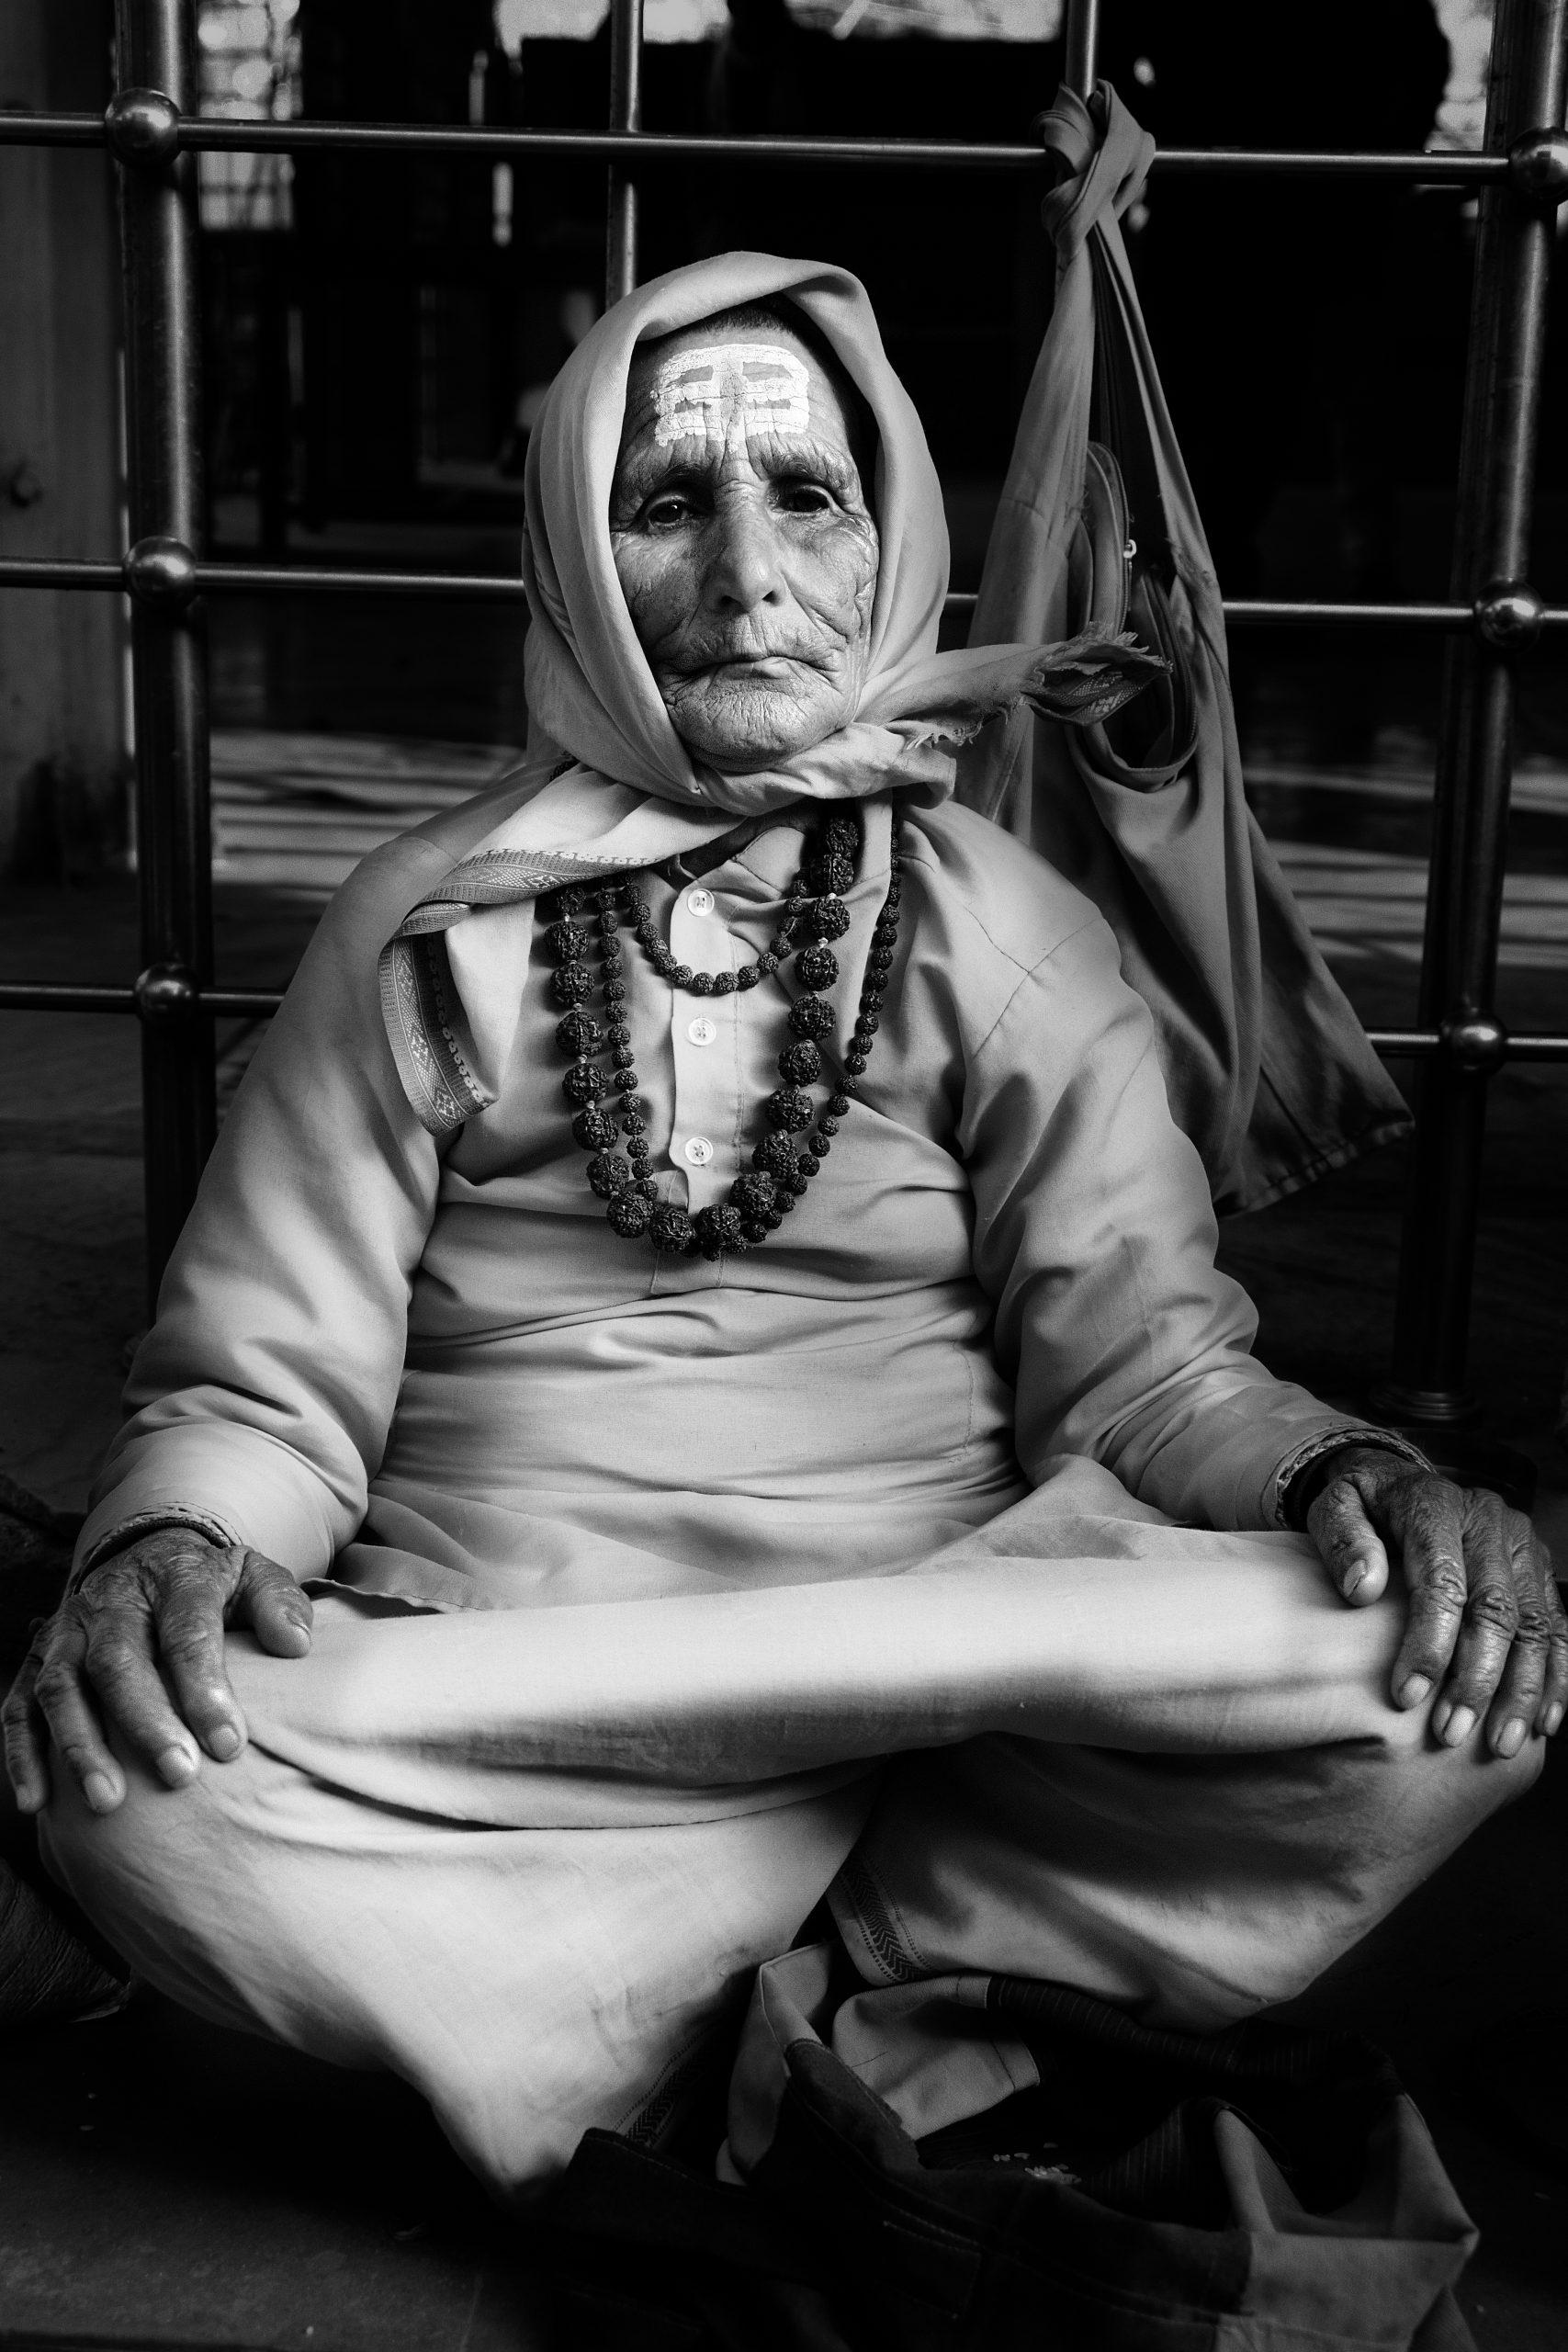 A lady monk